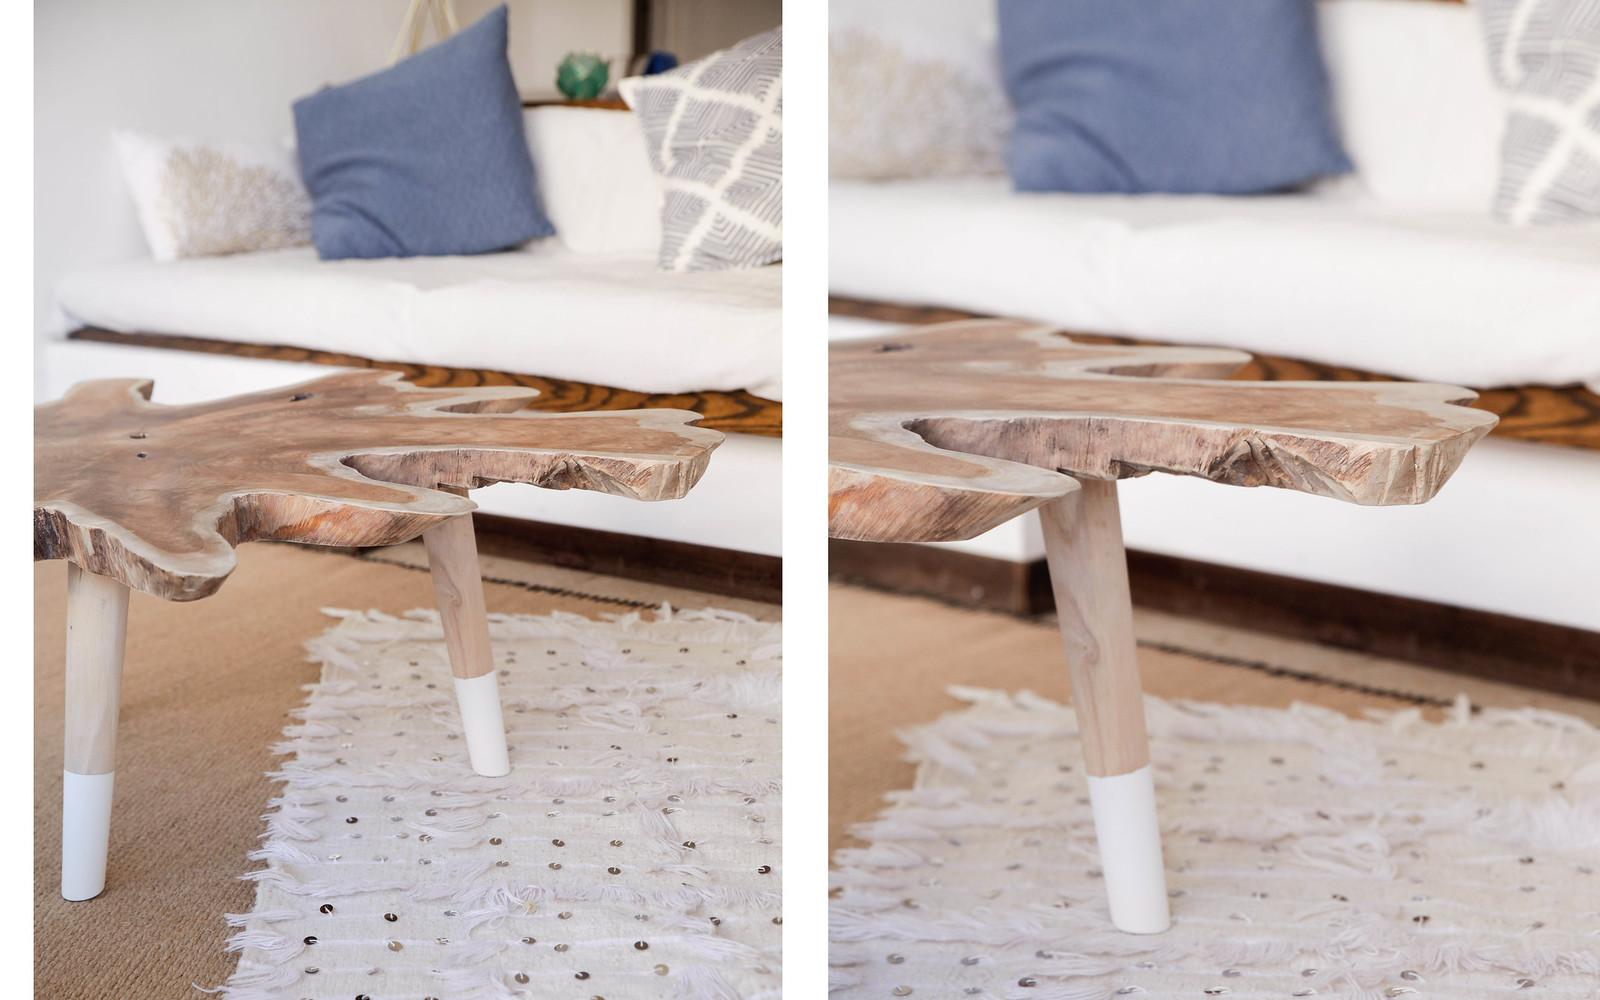 03_kavehome_decoración_y_muebles_theguestgirl_home_adictik_hq_barcelona